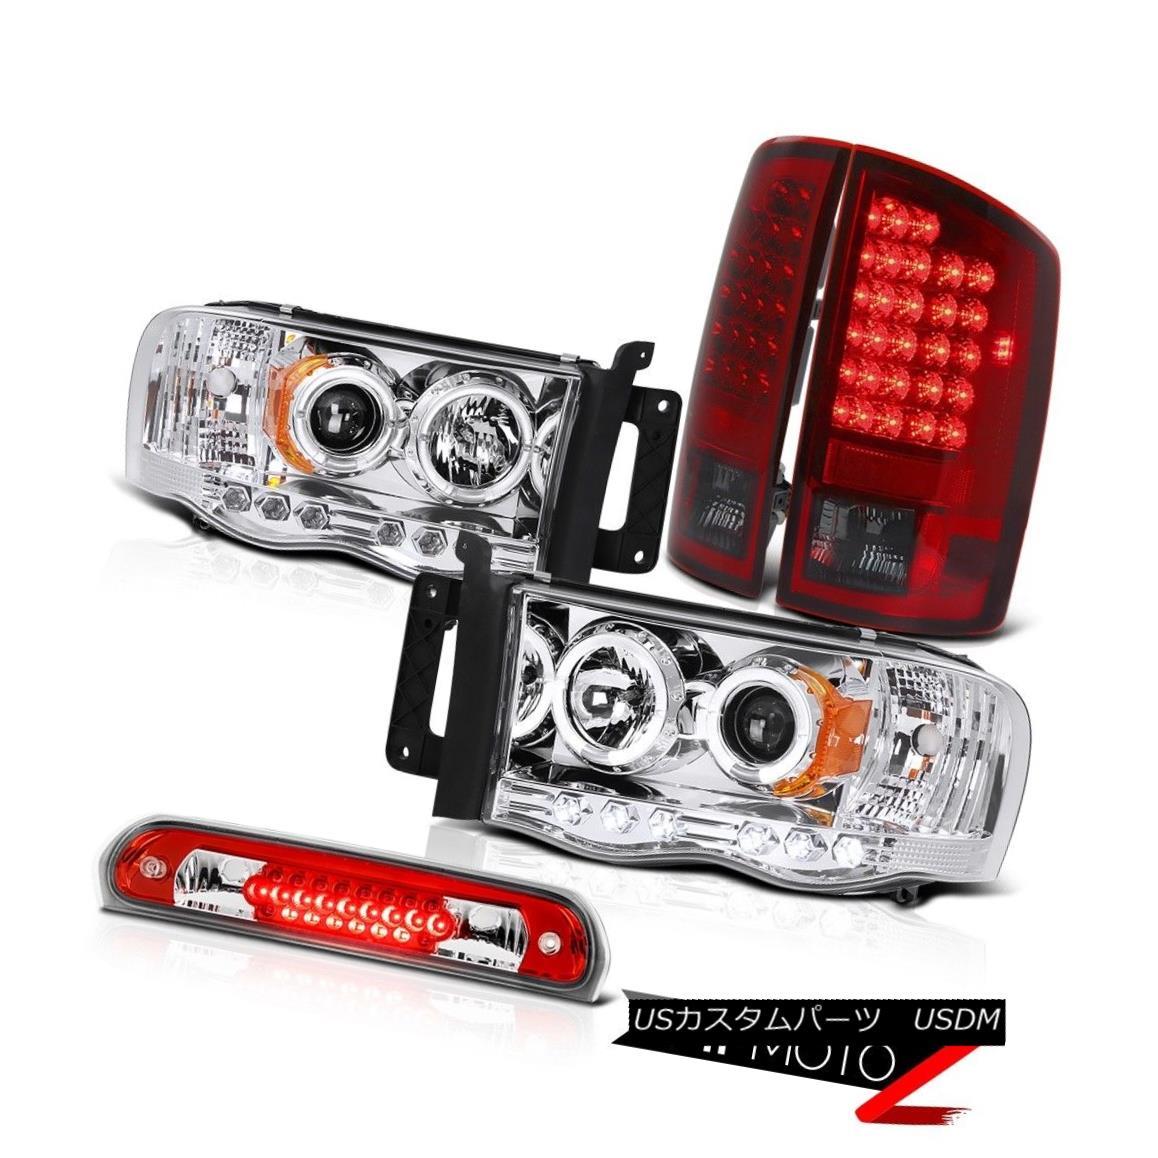 テールライト Chrome LED Headlights Bulbs Rear Tail Lights Third Brake Cargo 02-05 Ram Hemi クロームLEDヘッドライト電球リアテールライト3rdブレーキカーゴ02-05 Ram Hemi